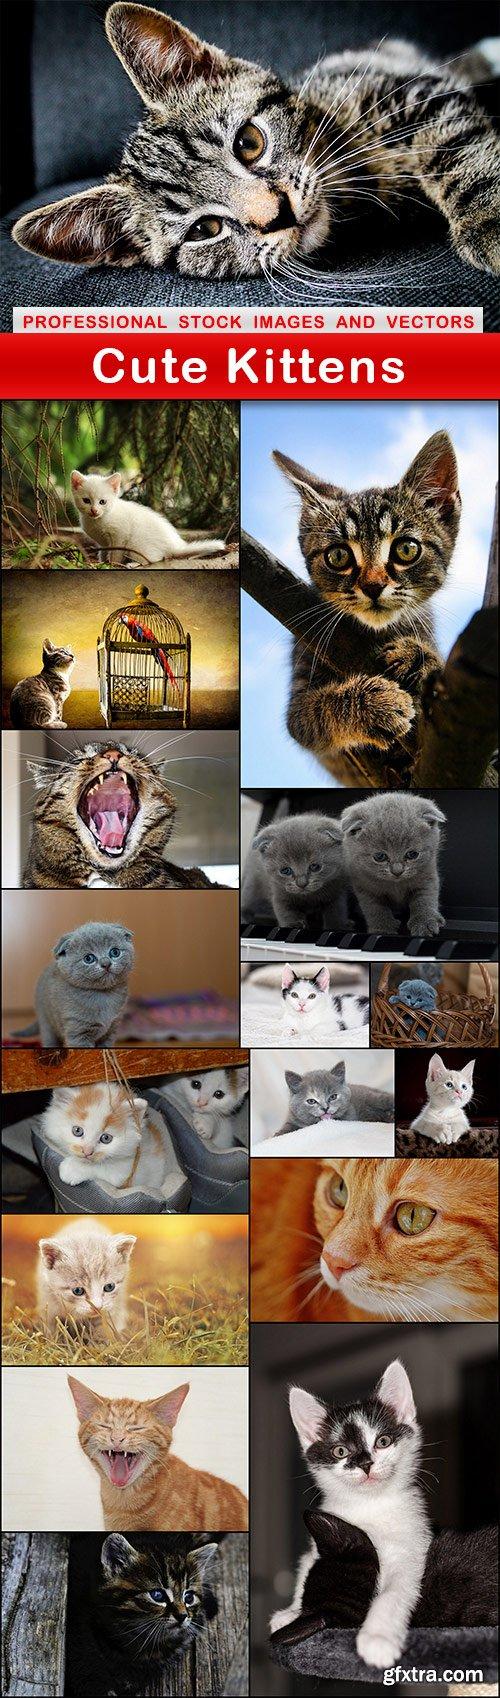 Cute Kittens - 17 UHQ JPEG